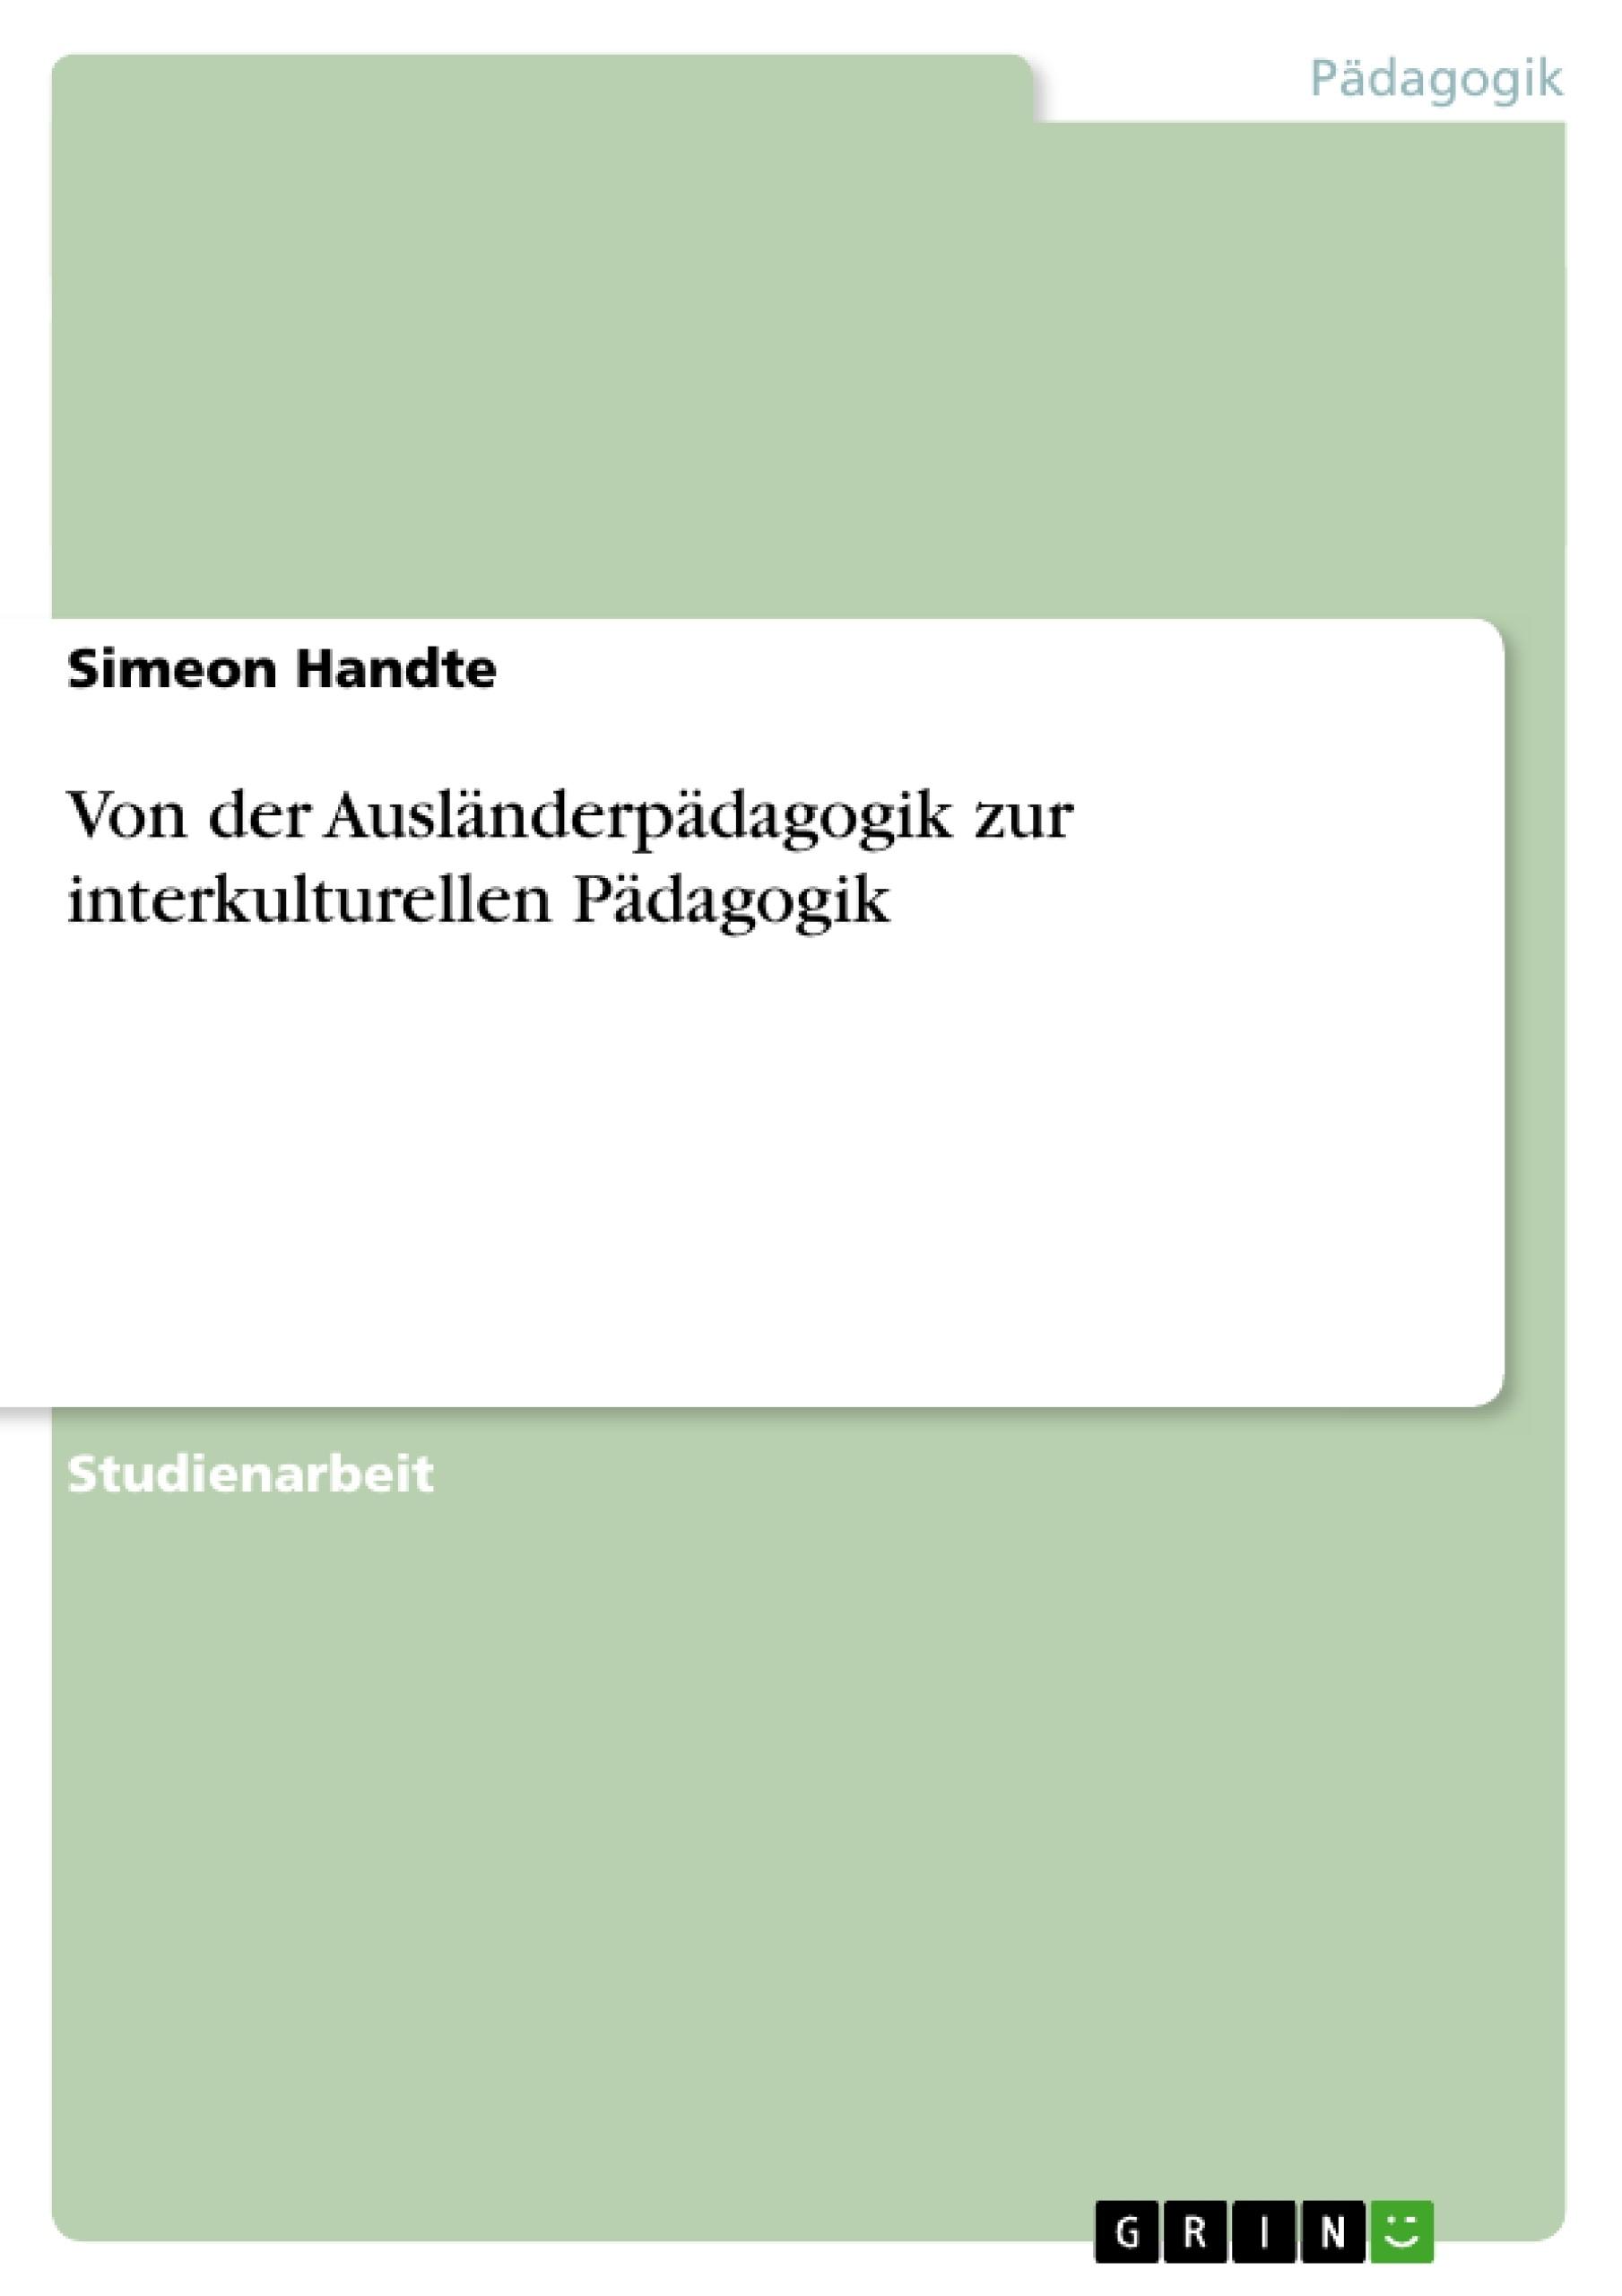 Titel: Von der Ausländerpädagogik zur interkulturellen Pädagogik